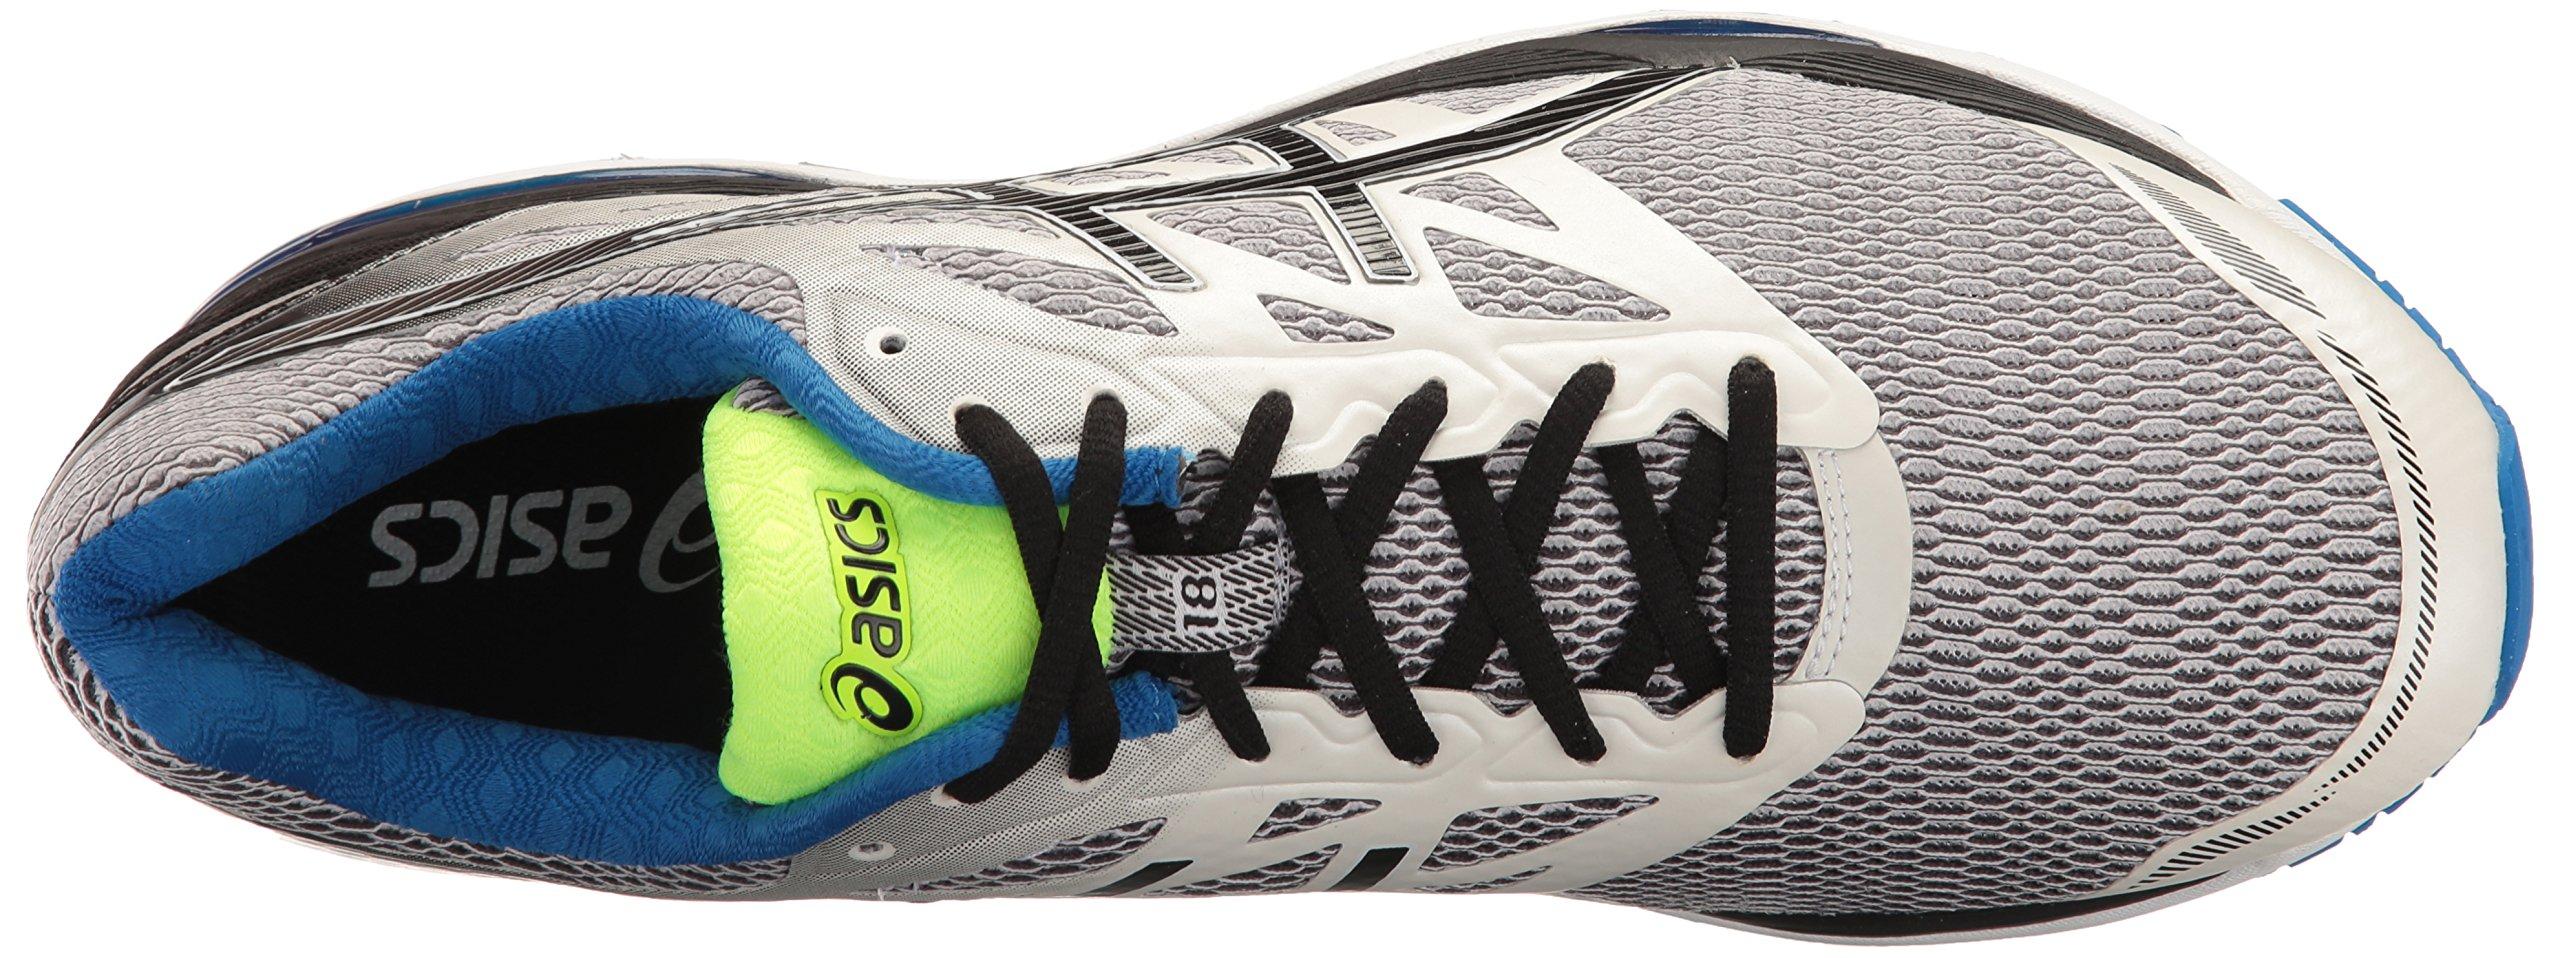 813c7X5f6zL - ASICS Men's Gel-Cumulus 18 Running Shoe